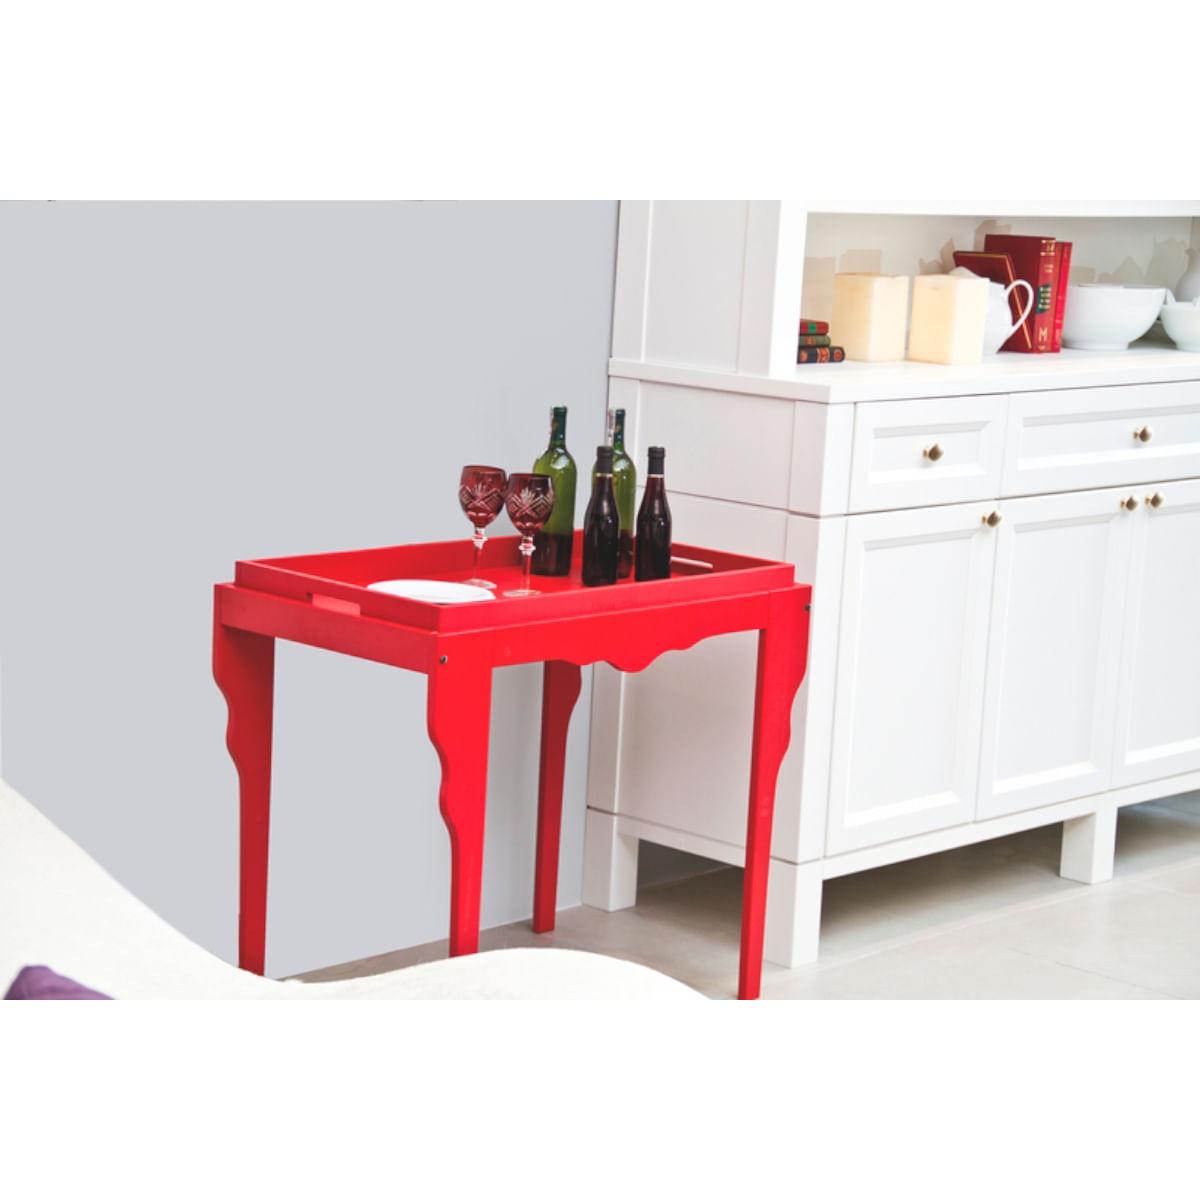 Mesa de Apoio de Madeira Retrô Tramontina 84 x 49 x 71 cm Vermelha com Bandeja